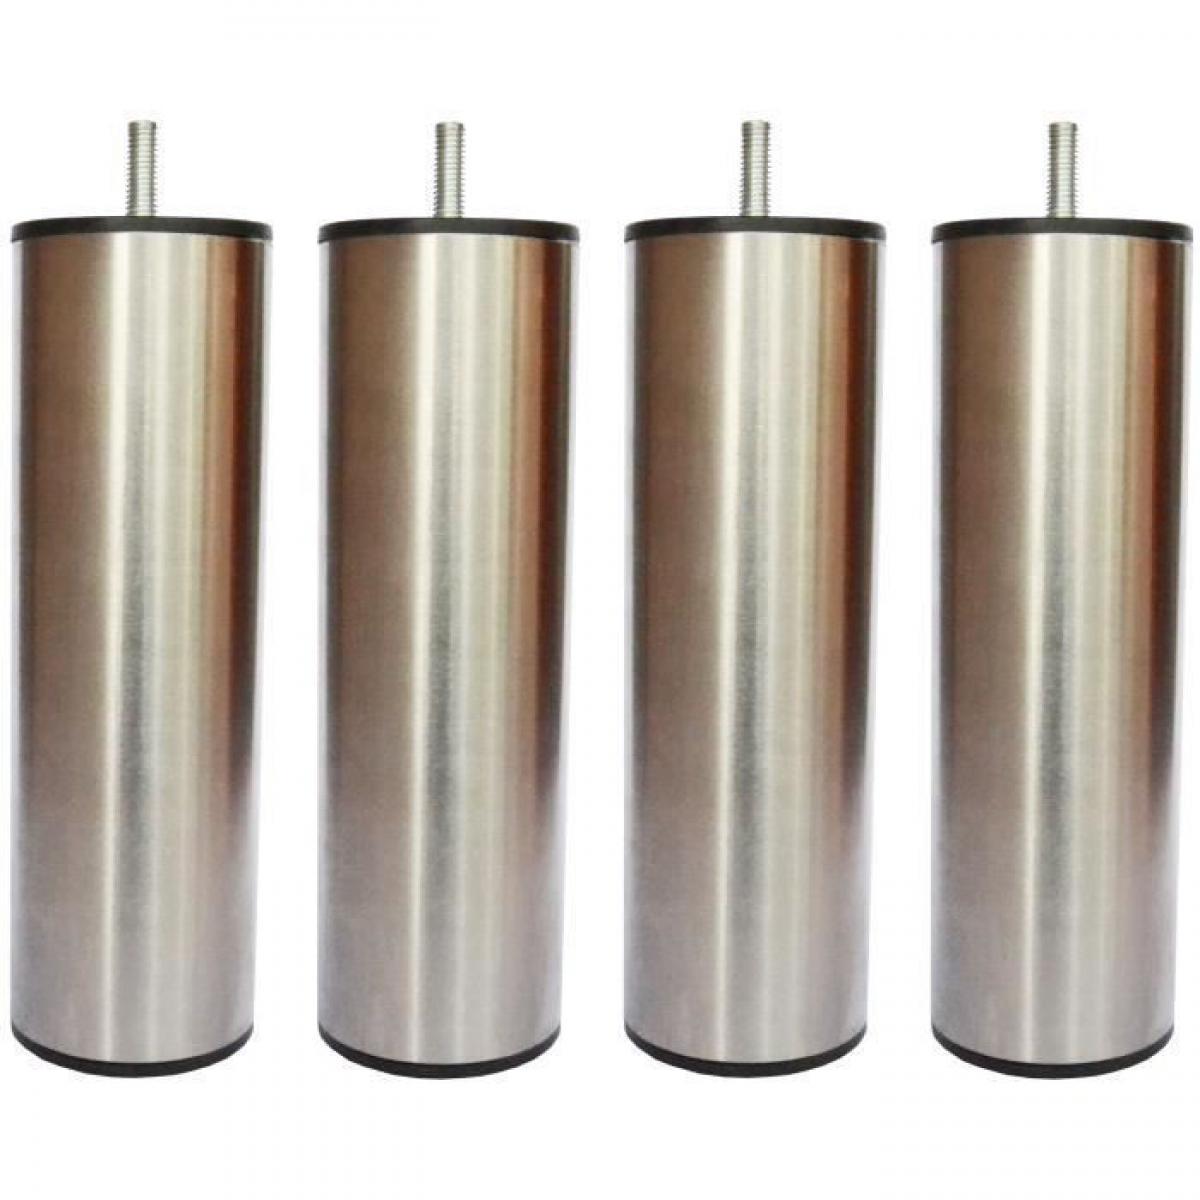 Sans Marque Jeu de pieds cylindriques inox brosse Saturne - L 6 x l 6 x H 24,5 cm - Lot de 4